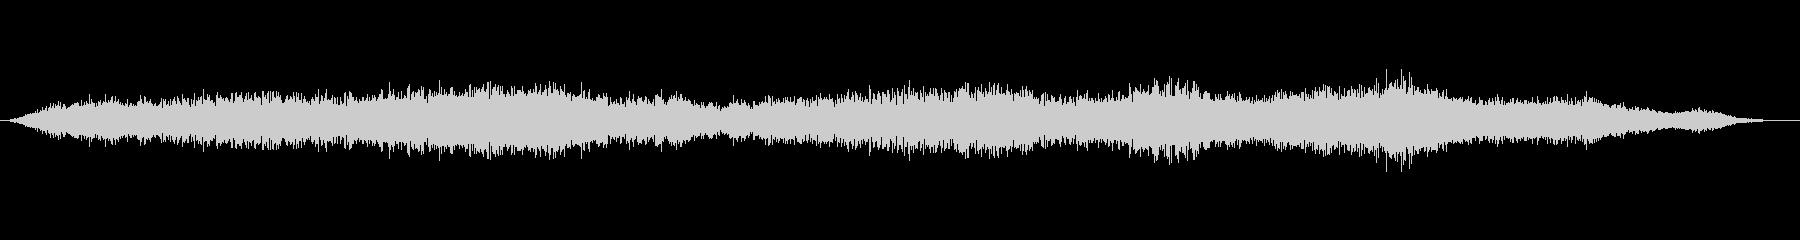 ドローンサスペンスロングベルライクパッドの未再生の波形